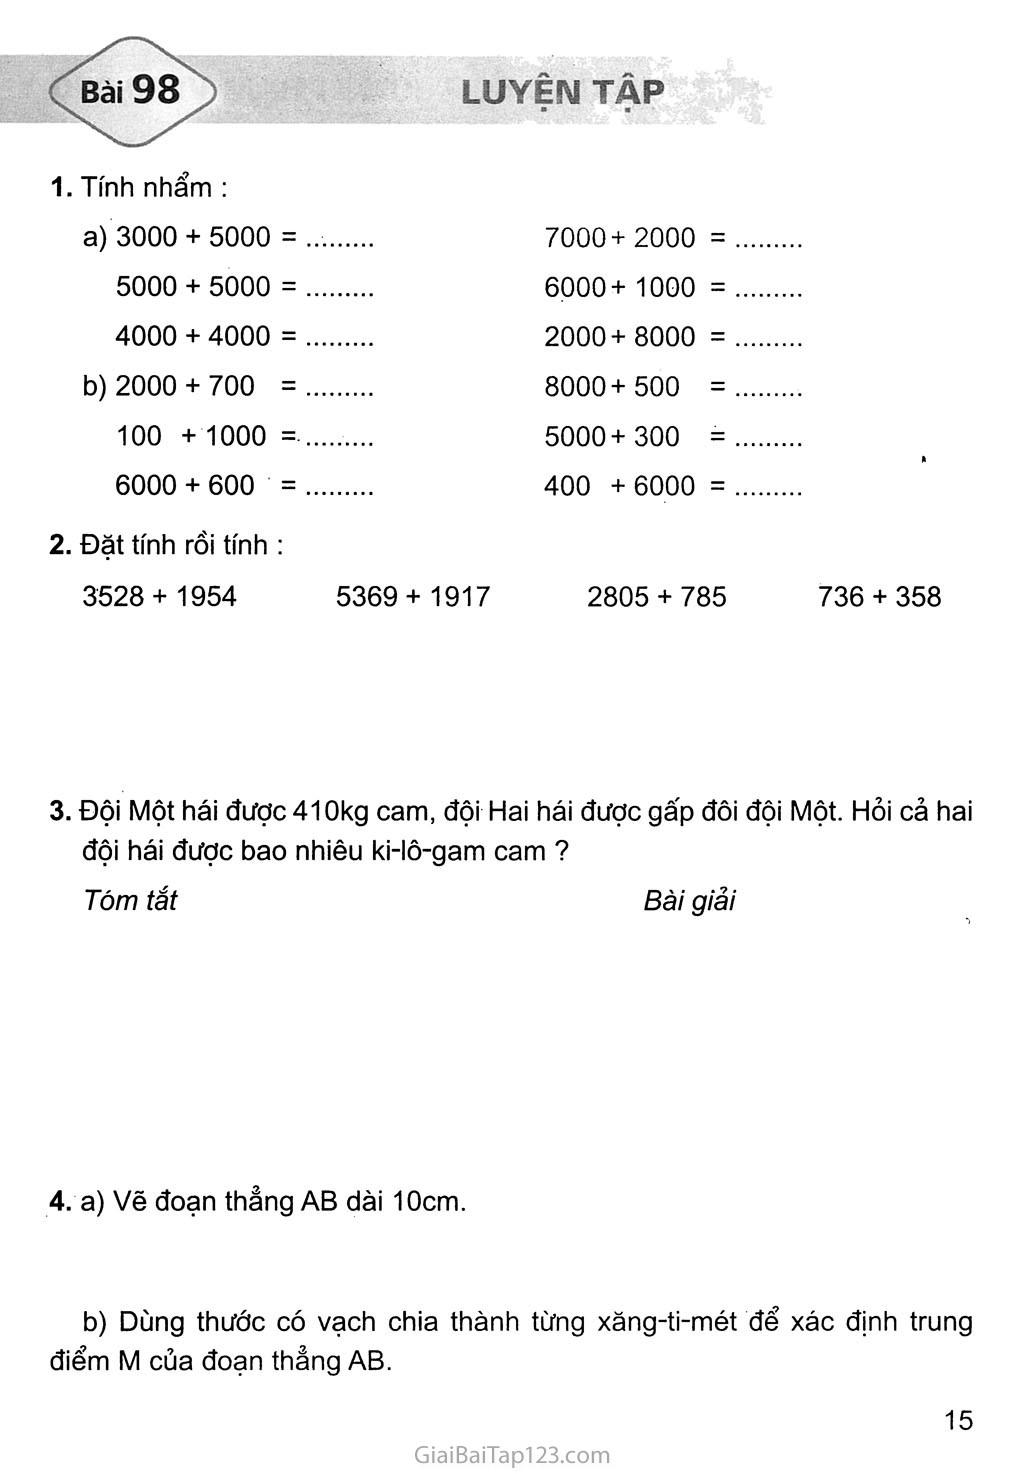 Bài 98: Luyện tập trang 1